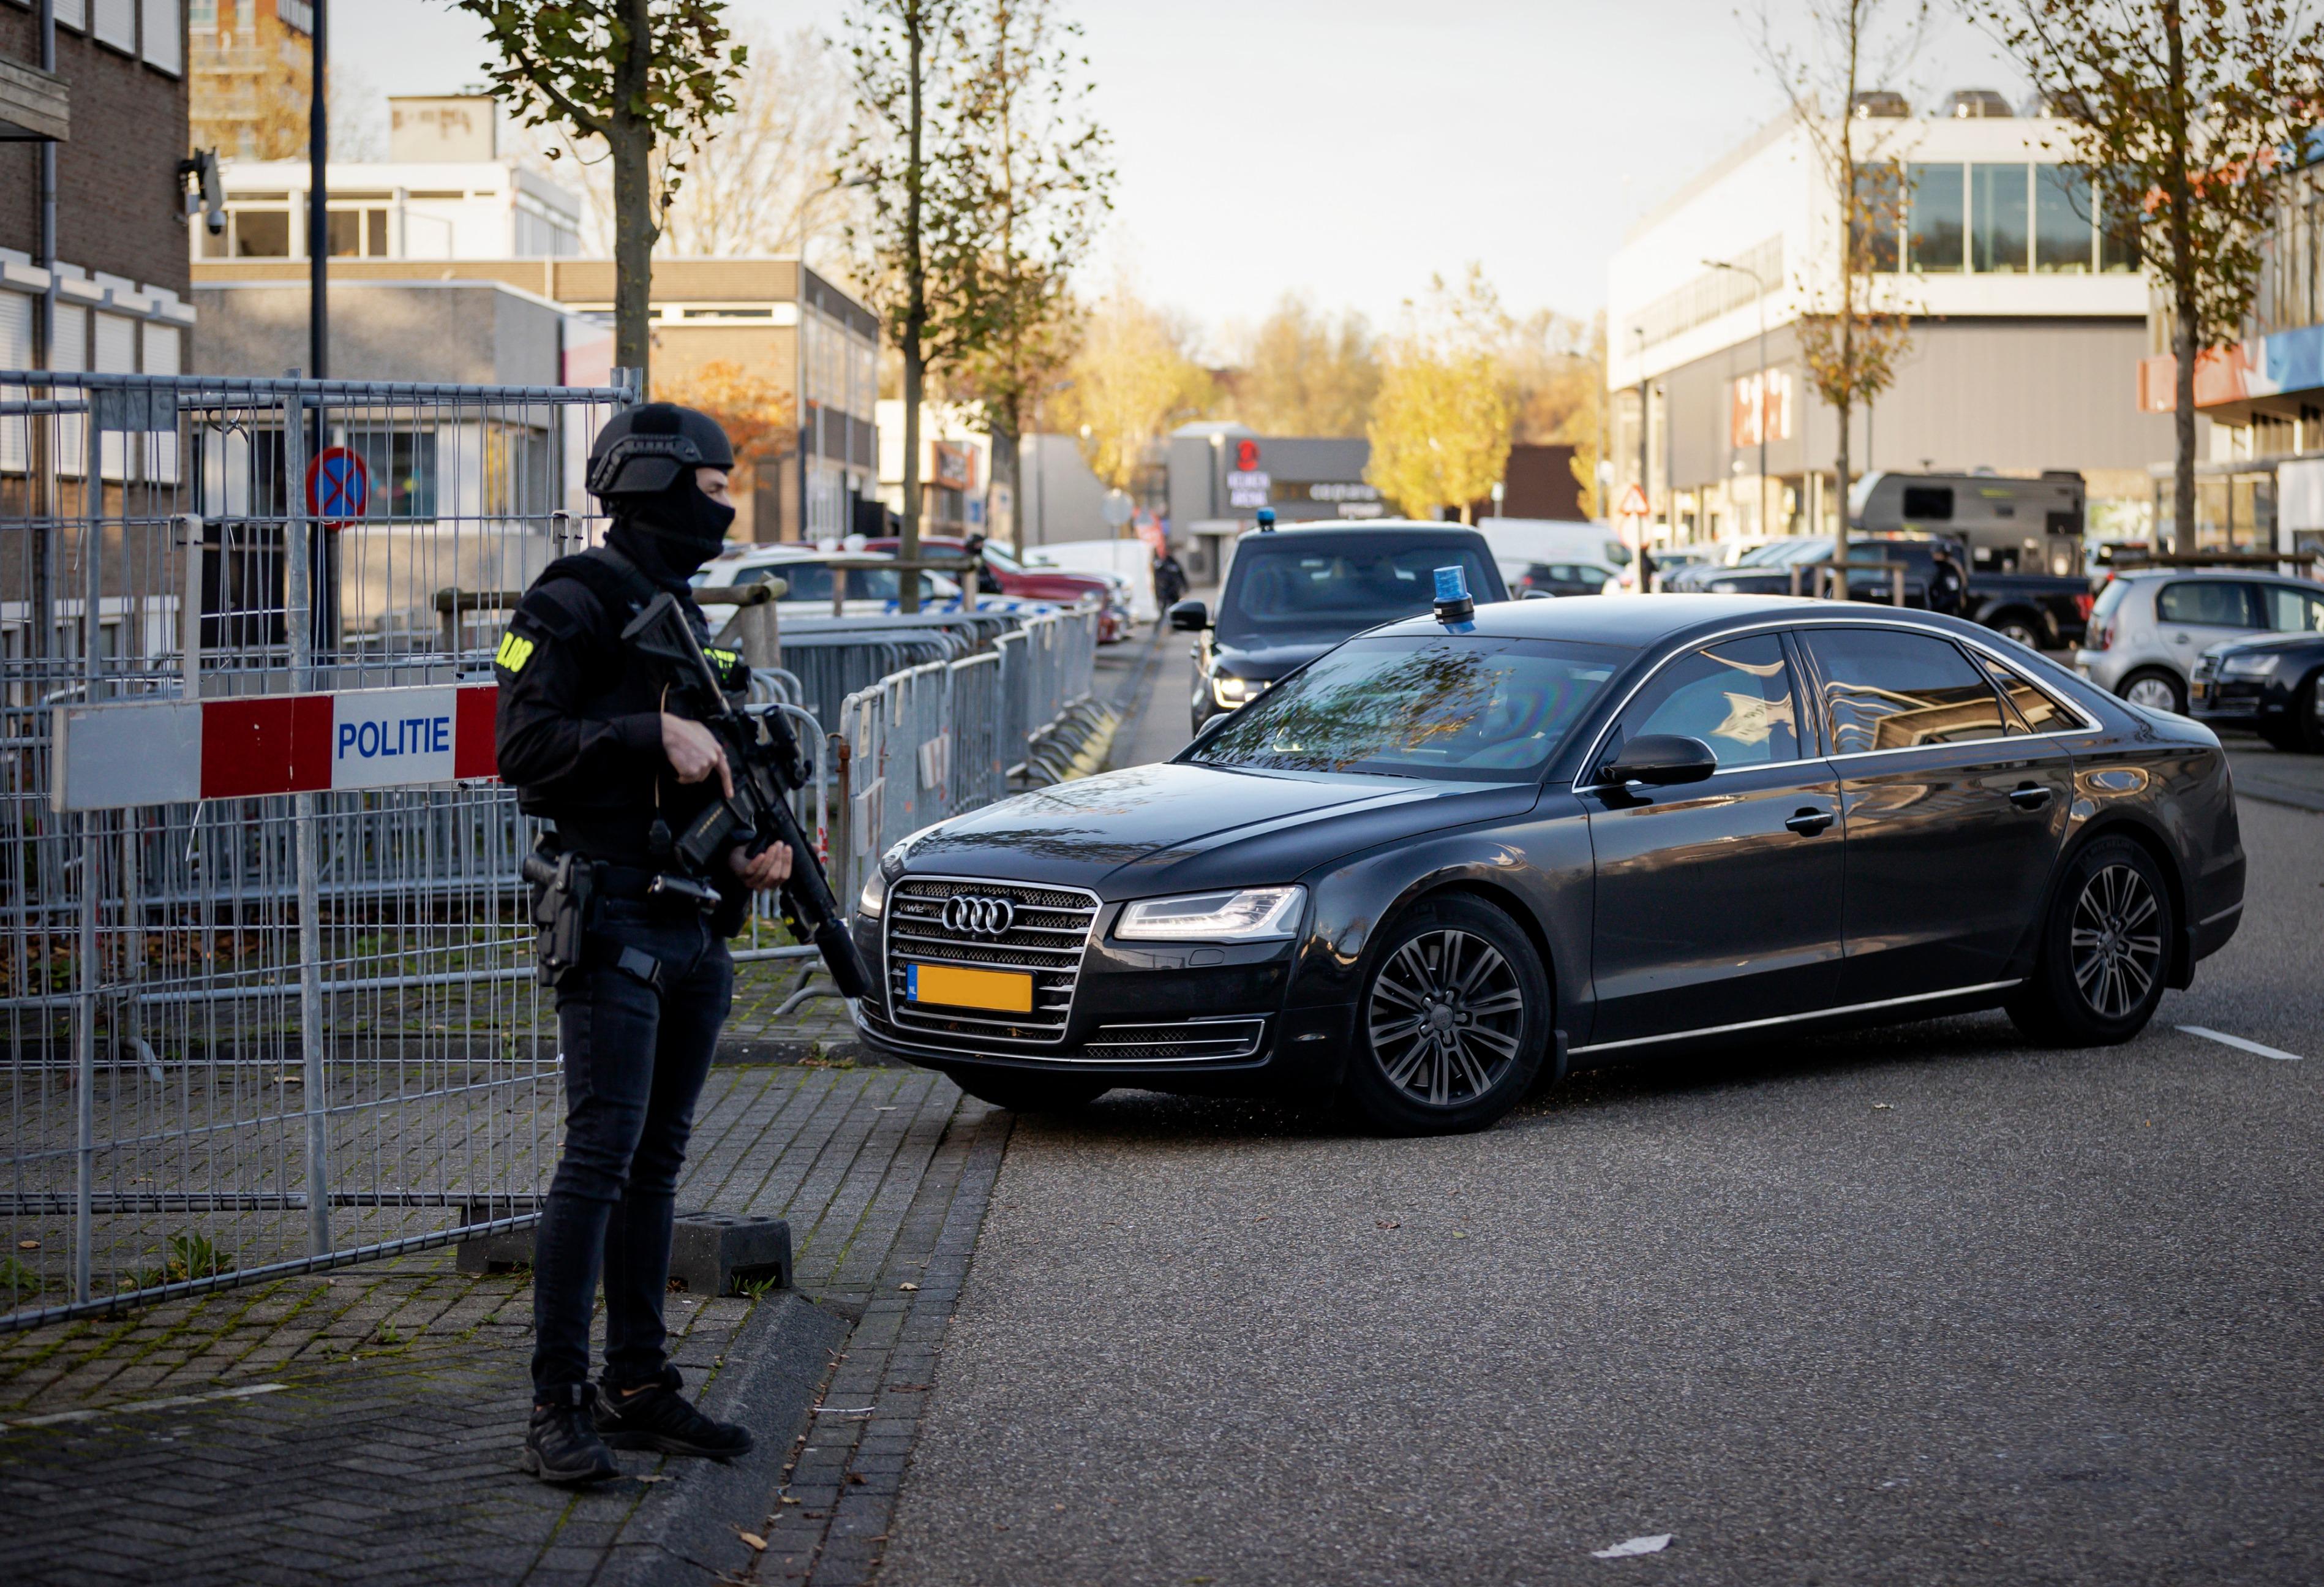 Een foto van de rechtbank in Amsterdam waar het Marengo proces gehouden wordt